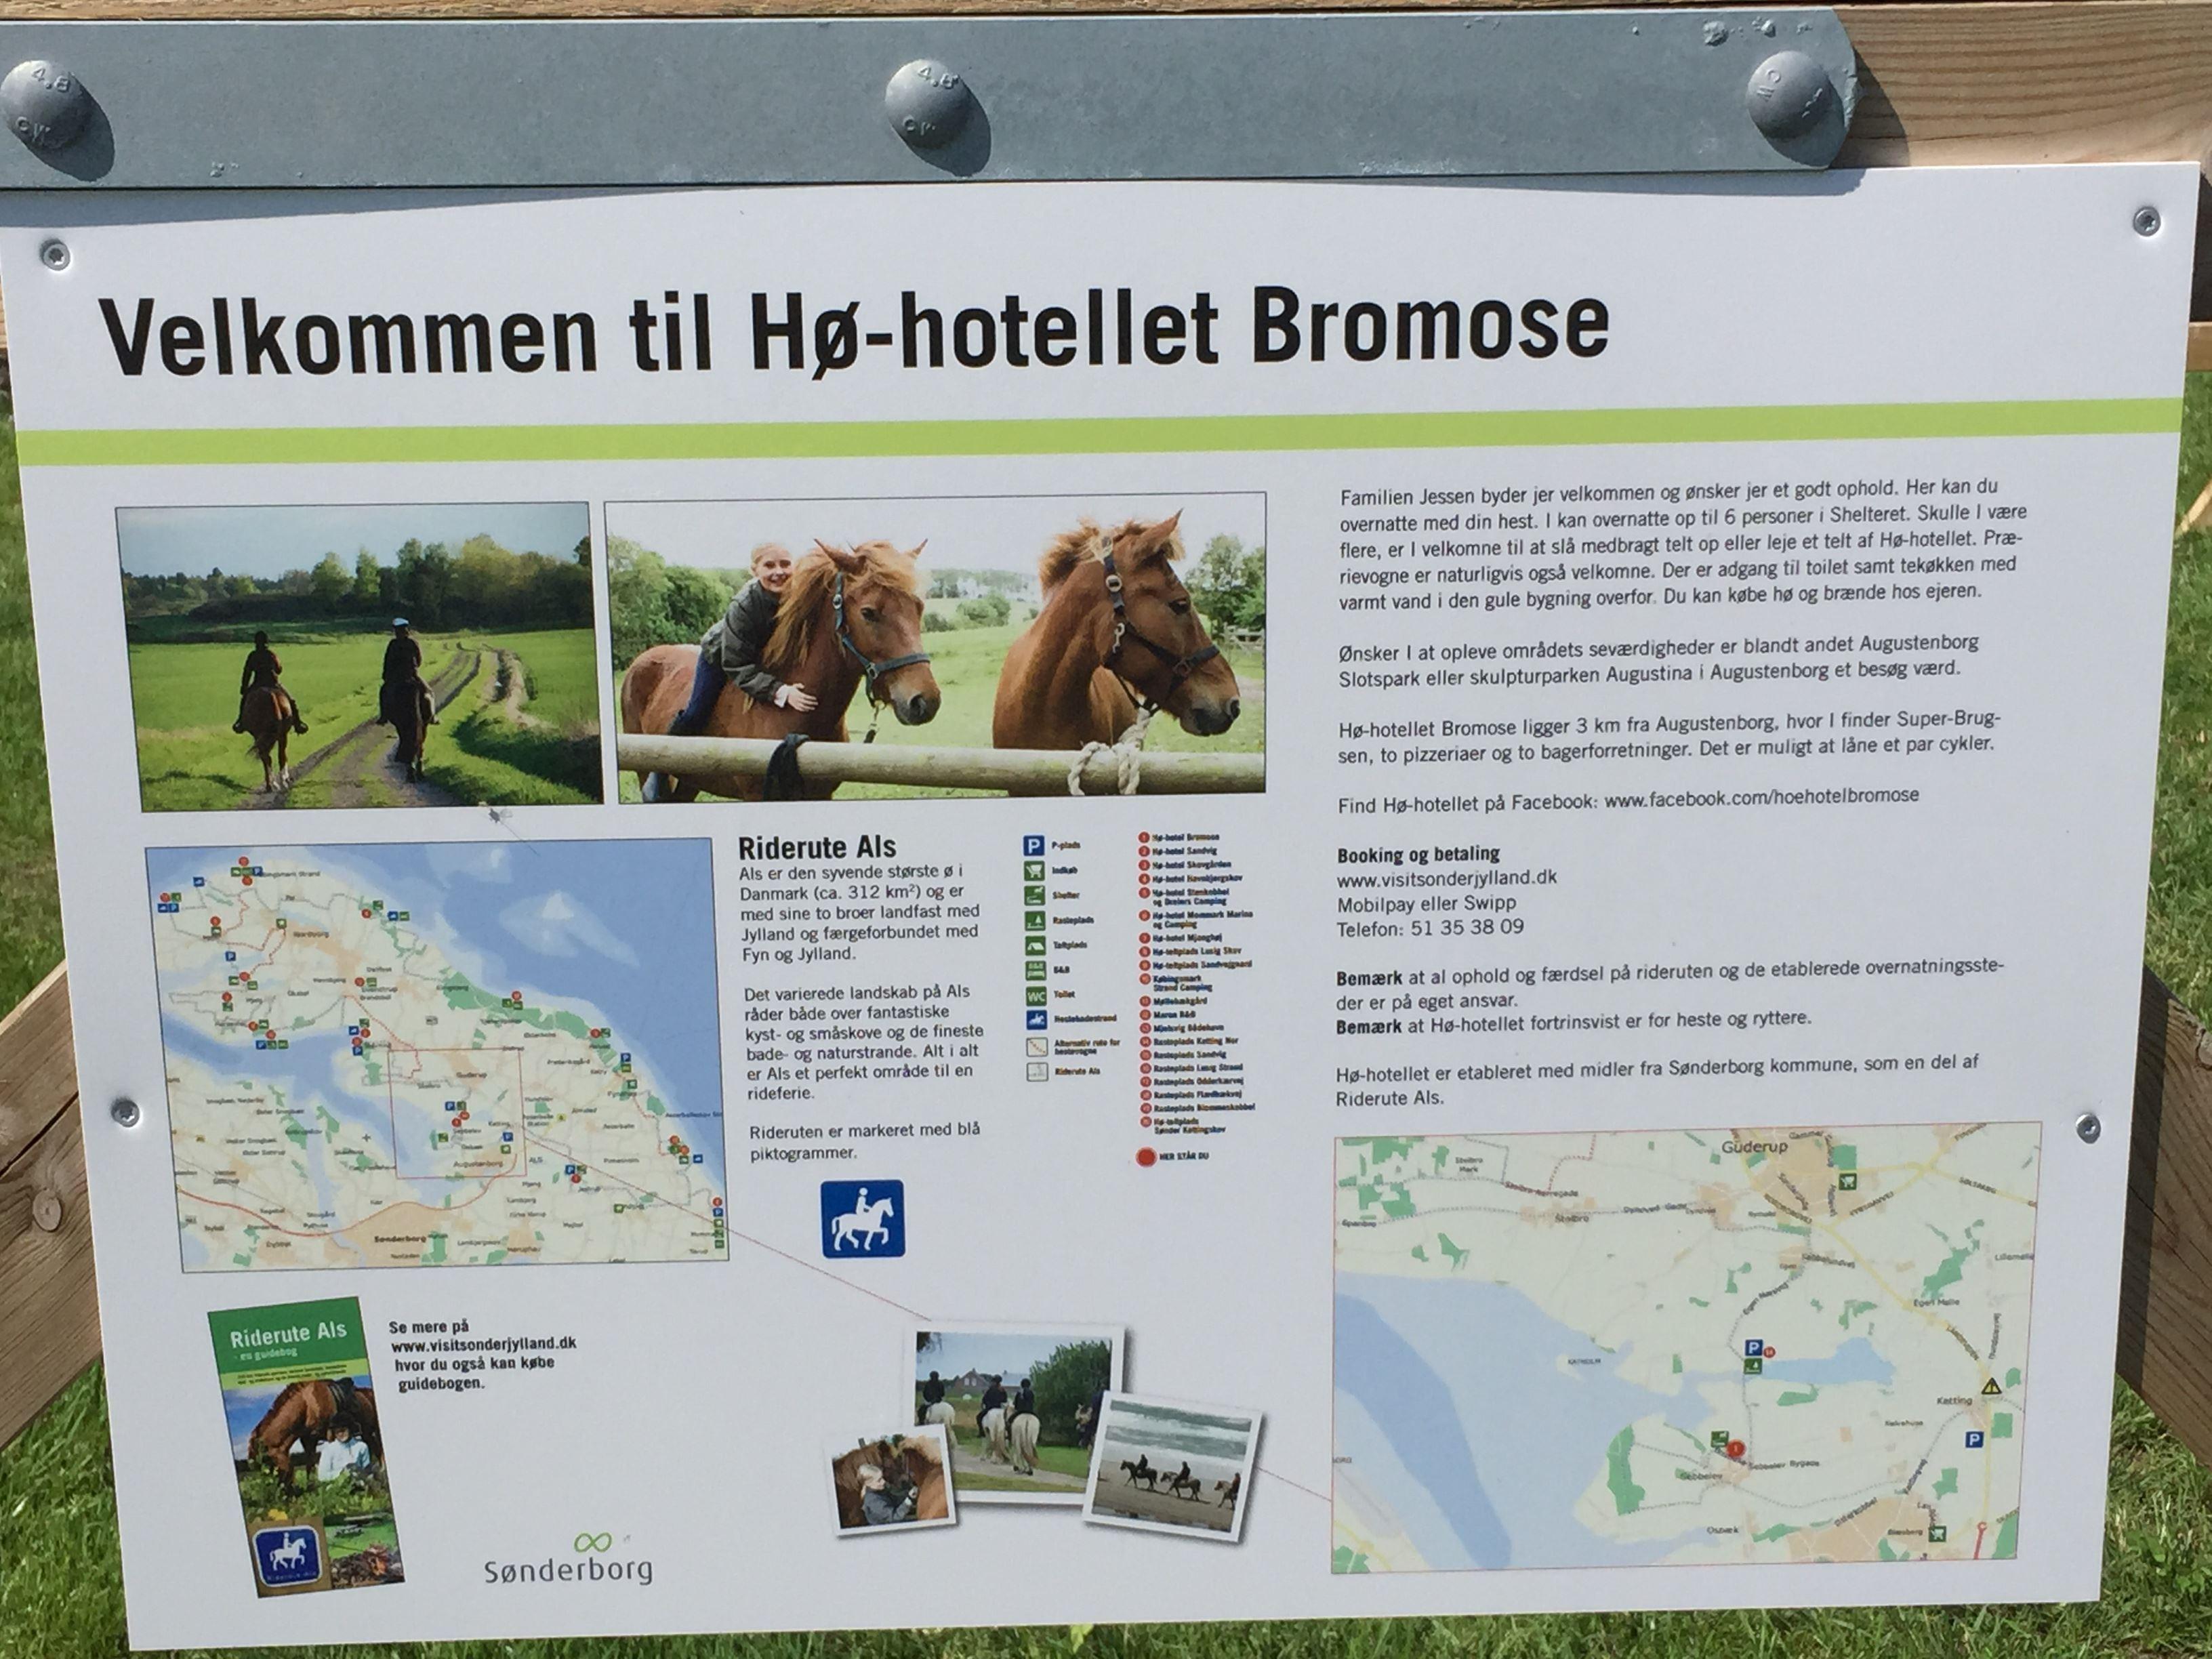 Høhotel Bromose